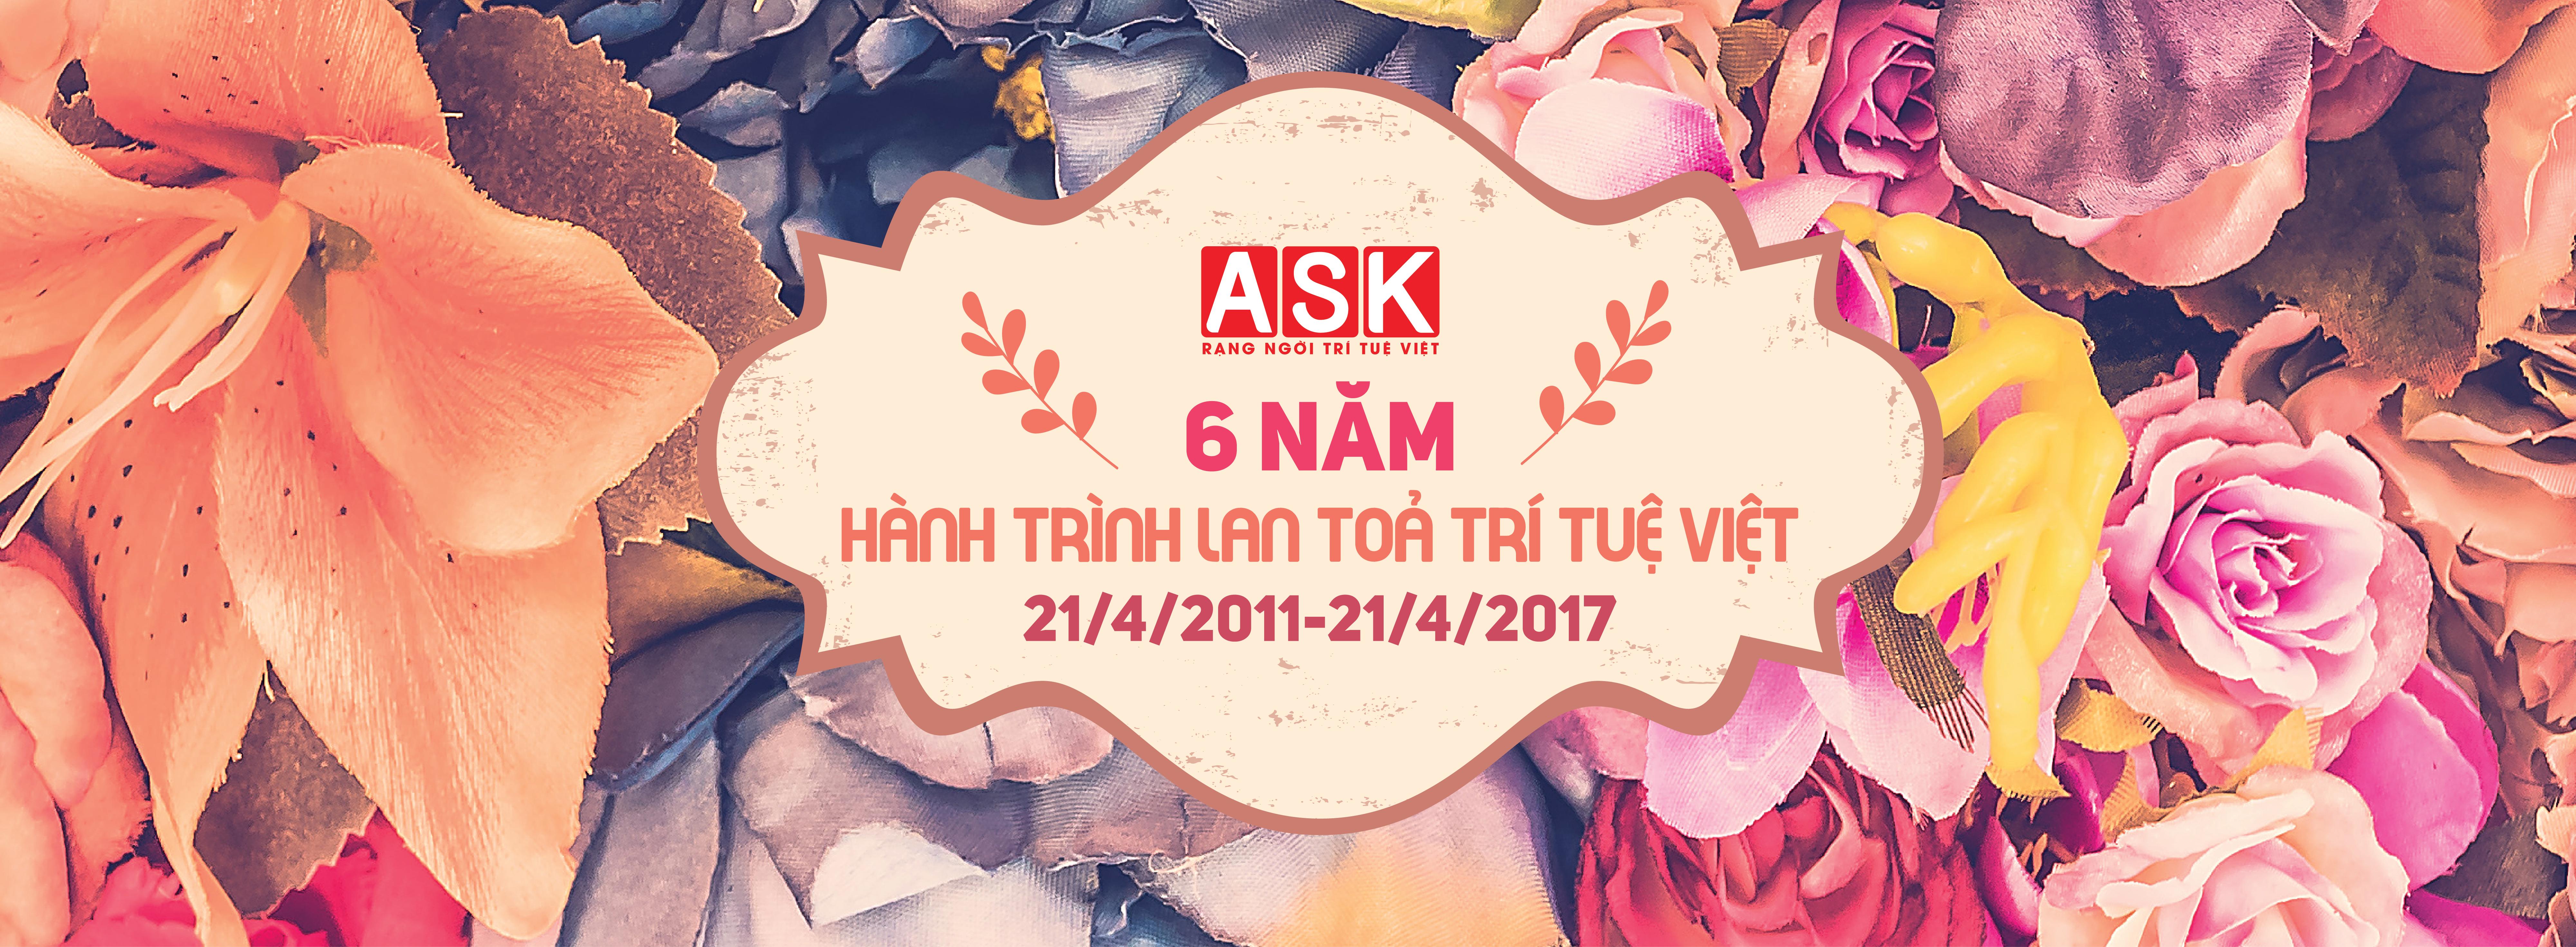 Sinh Nhật ASK 6 Năm Tuổi –  Hành Trình Lan Tỏa Trí Tuệ Việt